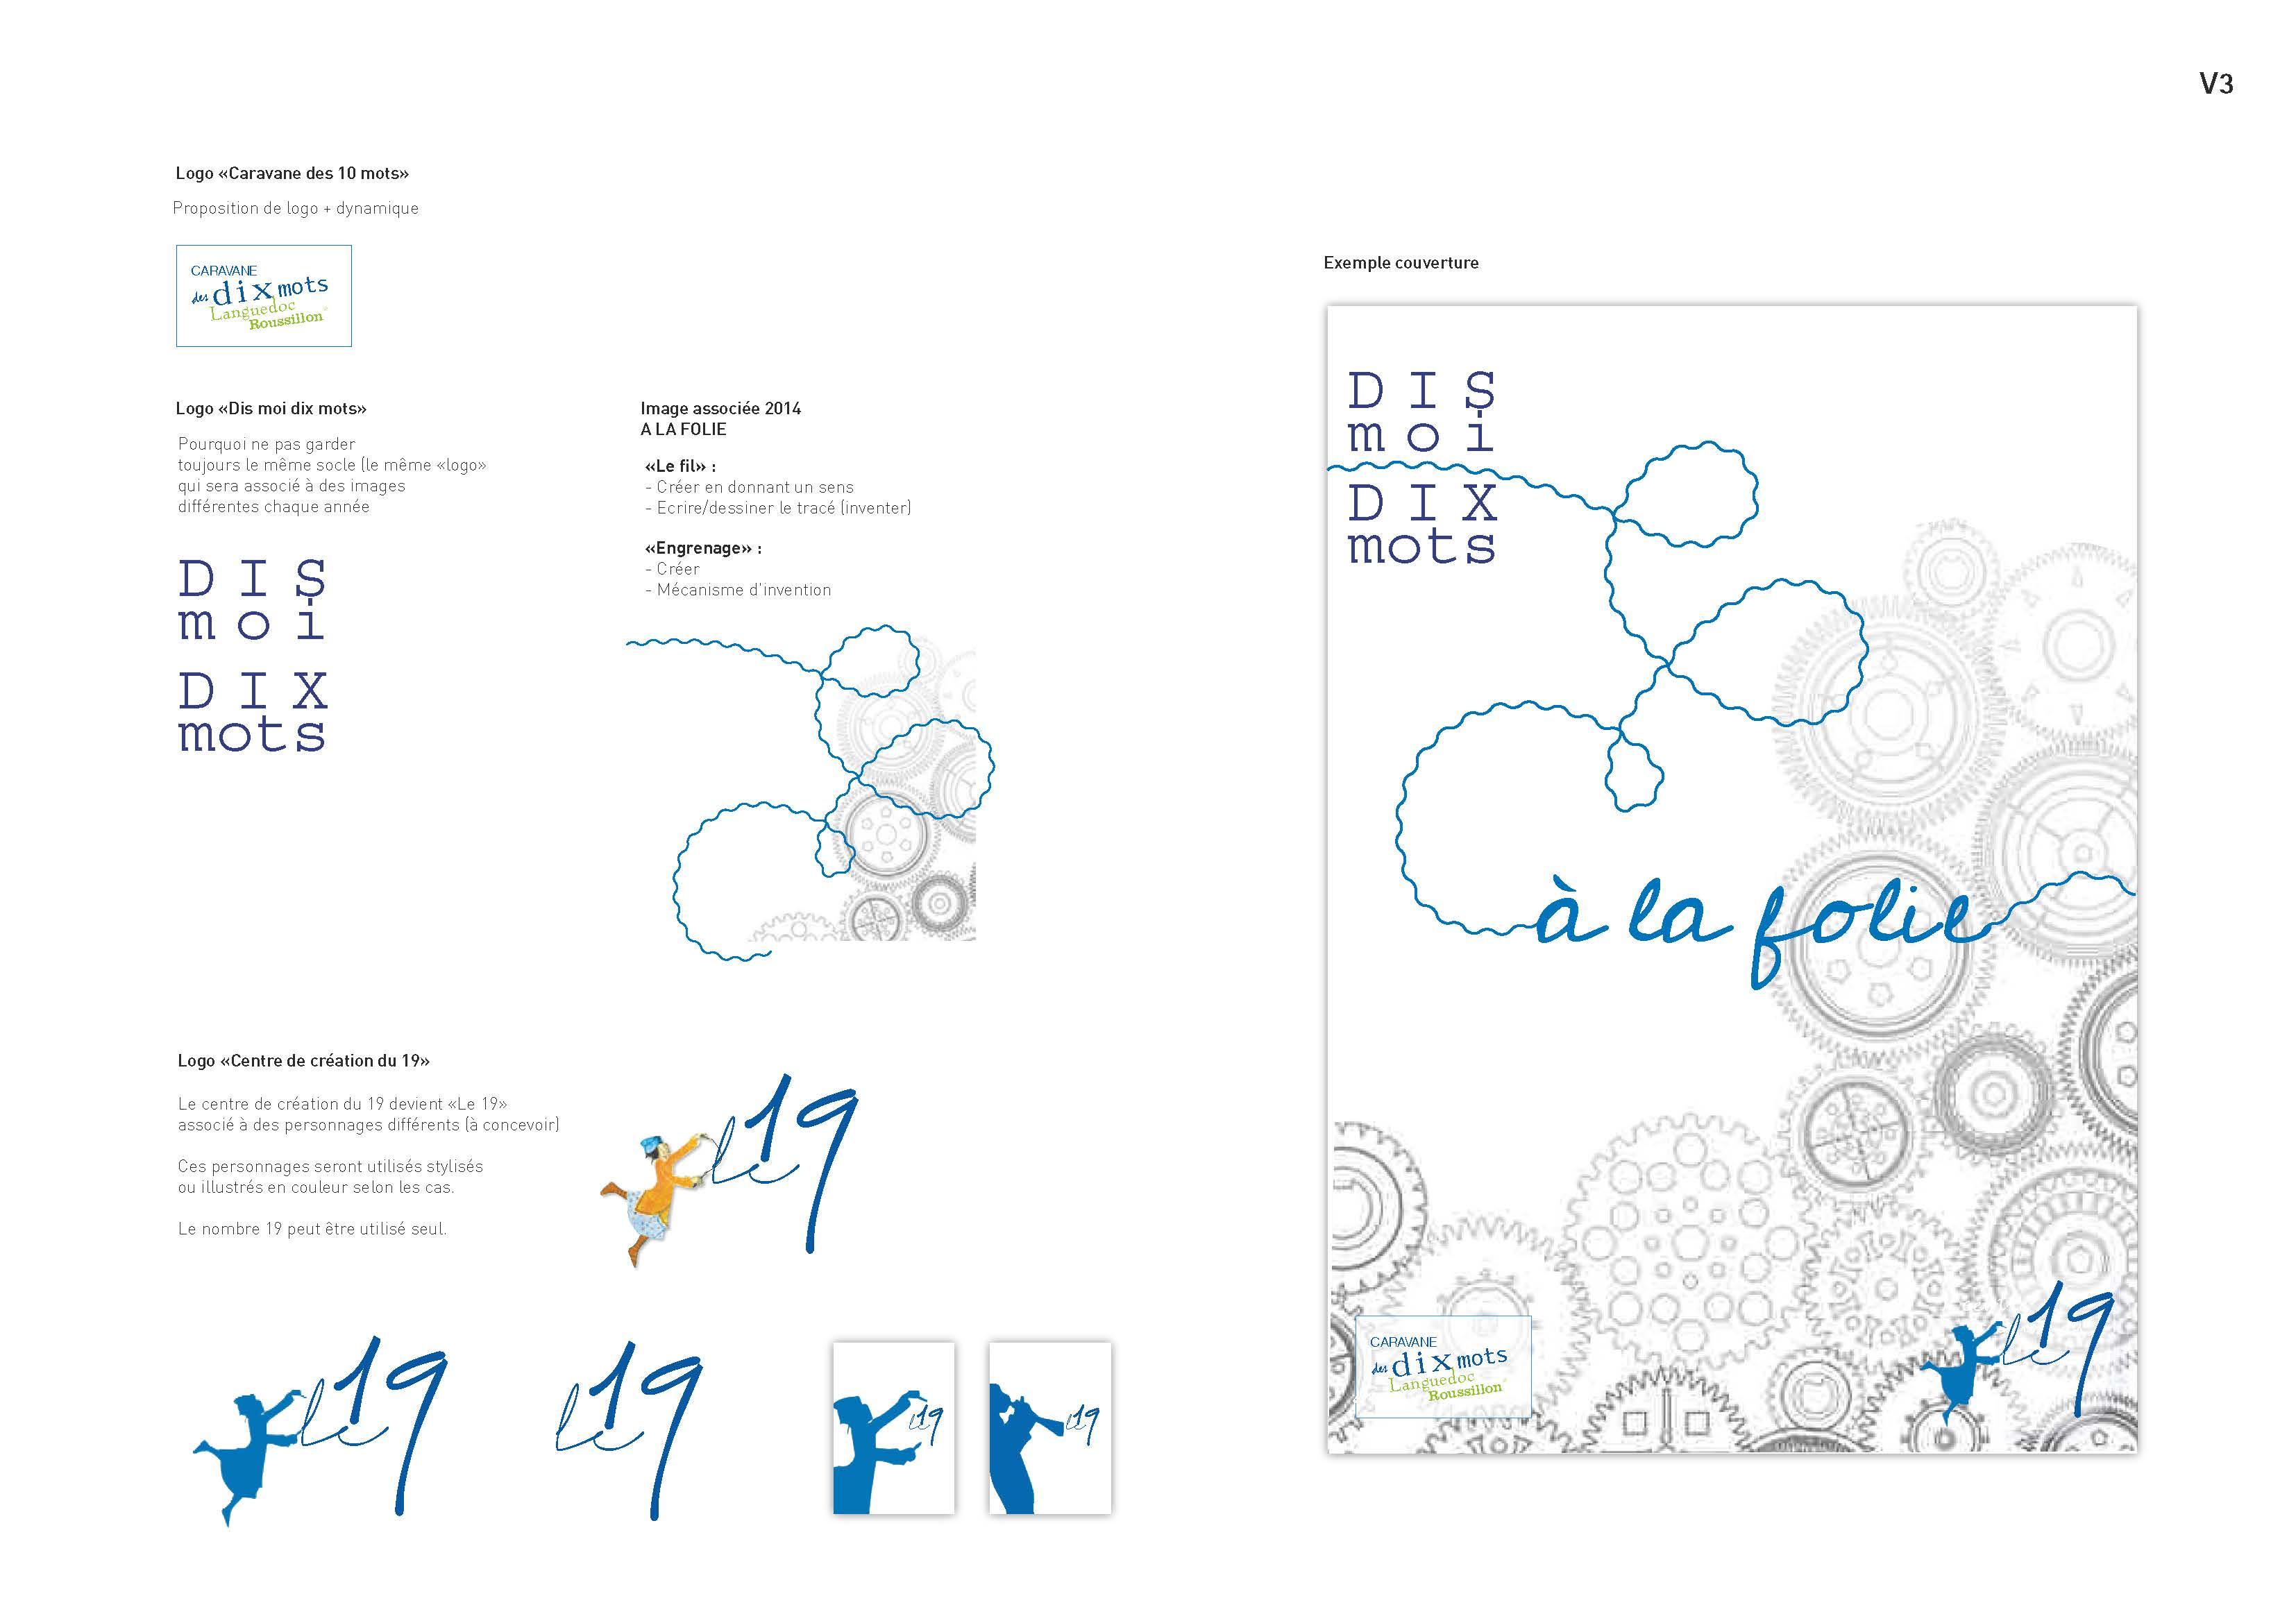 CENTRE CREATION 19 ET 10 MOTS - PLANCHE IDENTITÉS_Page_3